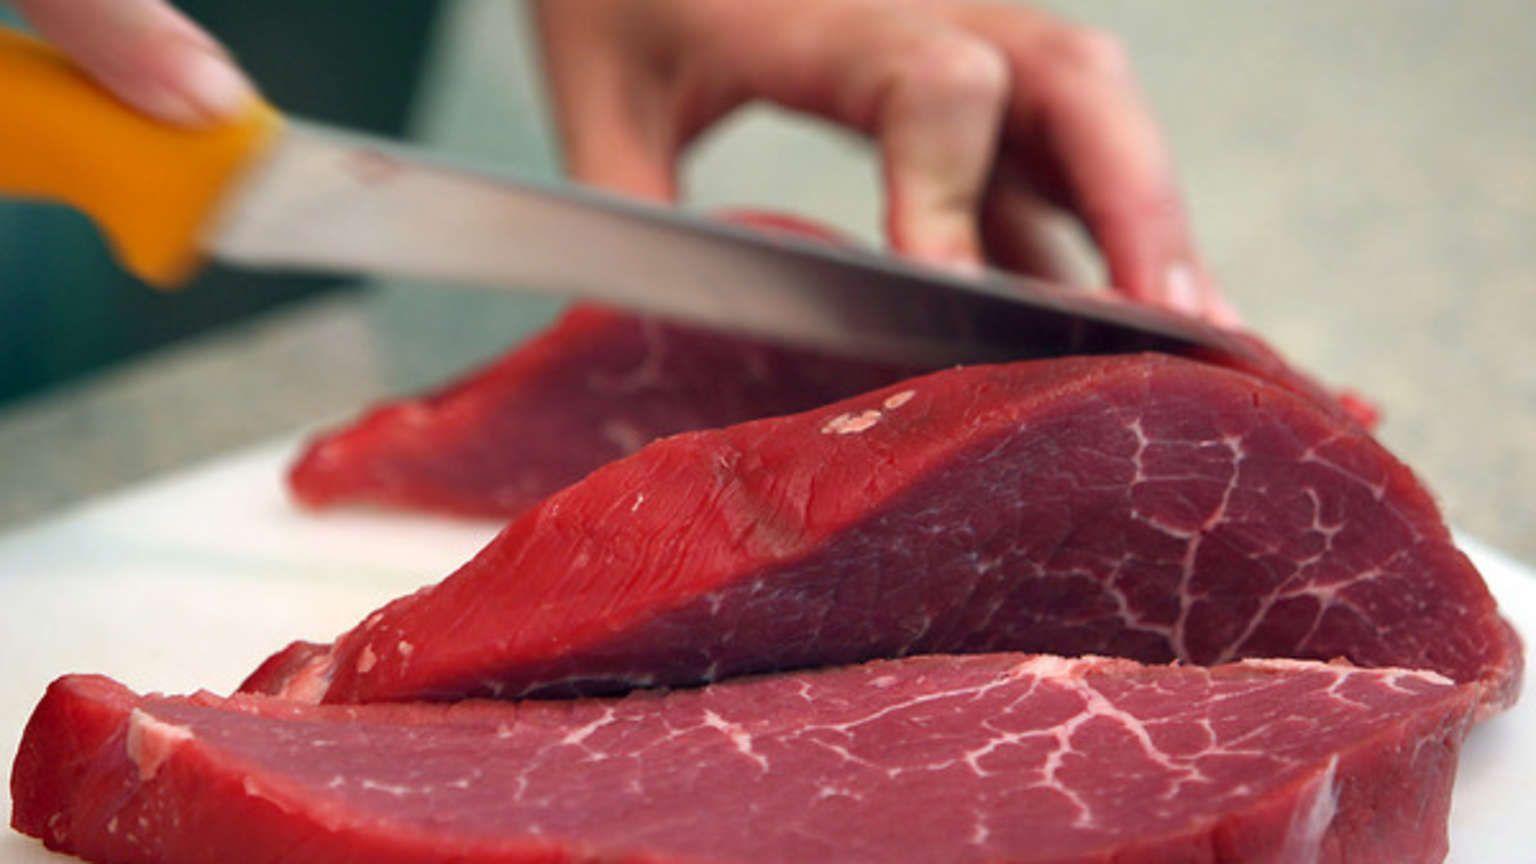 Rindfleisch frisch geschnitten: Eine US-Amerikanerin wurde von einer Veganerin zur Fleisch-Liebhaberin. #veganerin